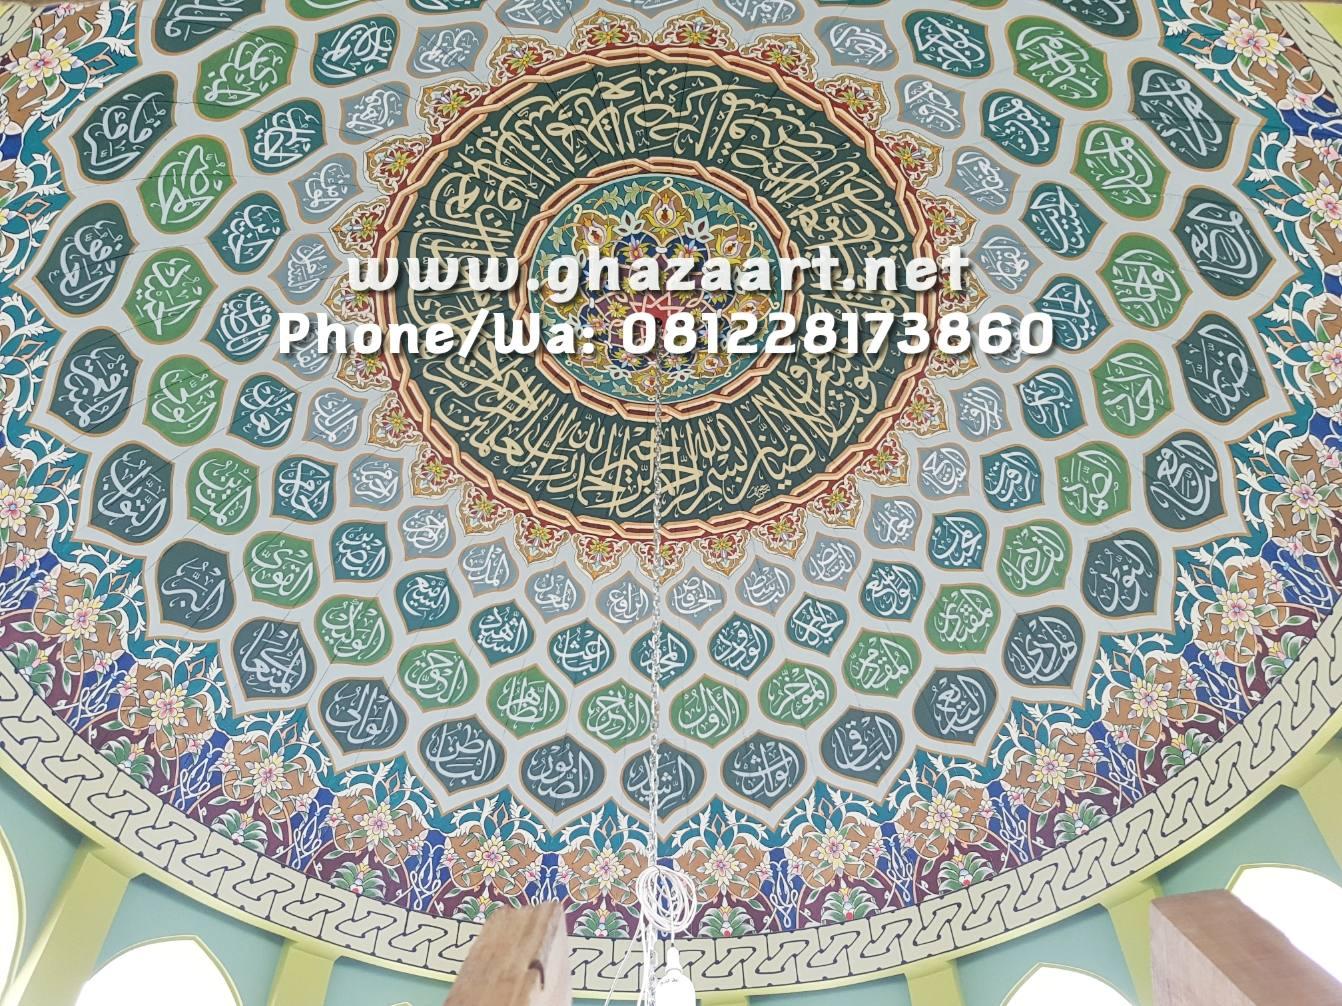 Harga Kaligrafi Kubah Masjid Di Indonesia